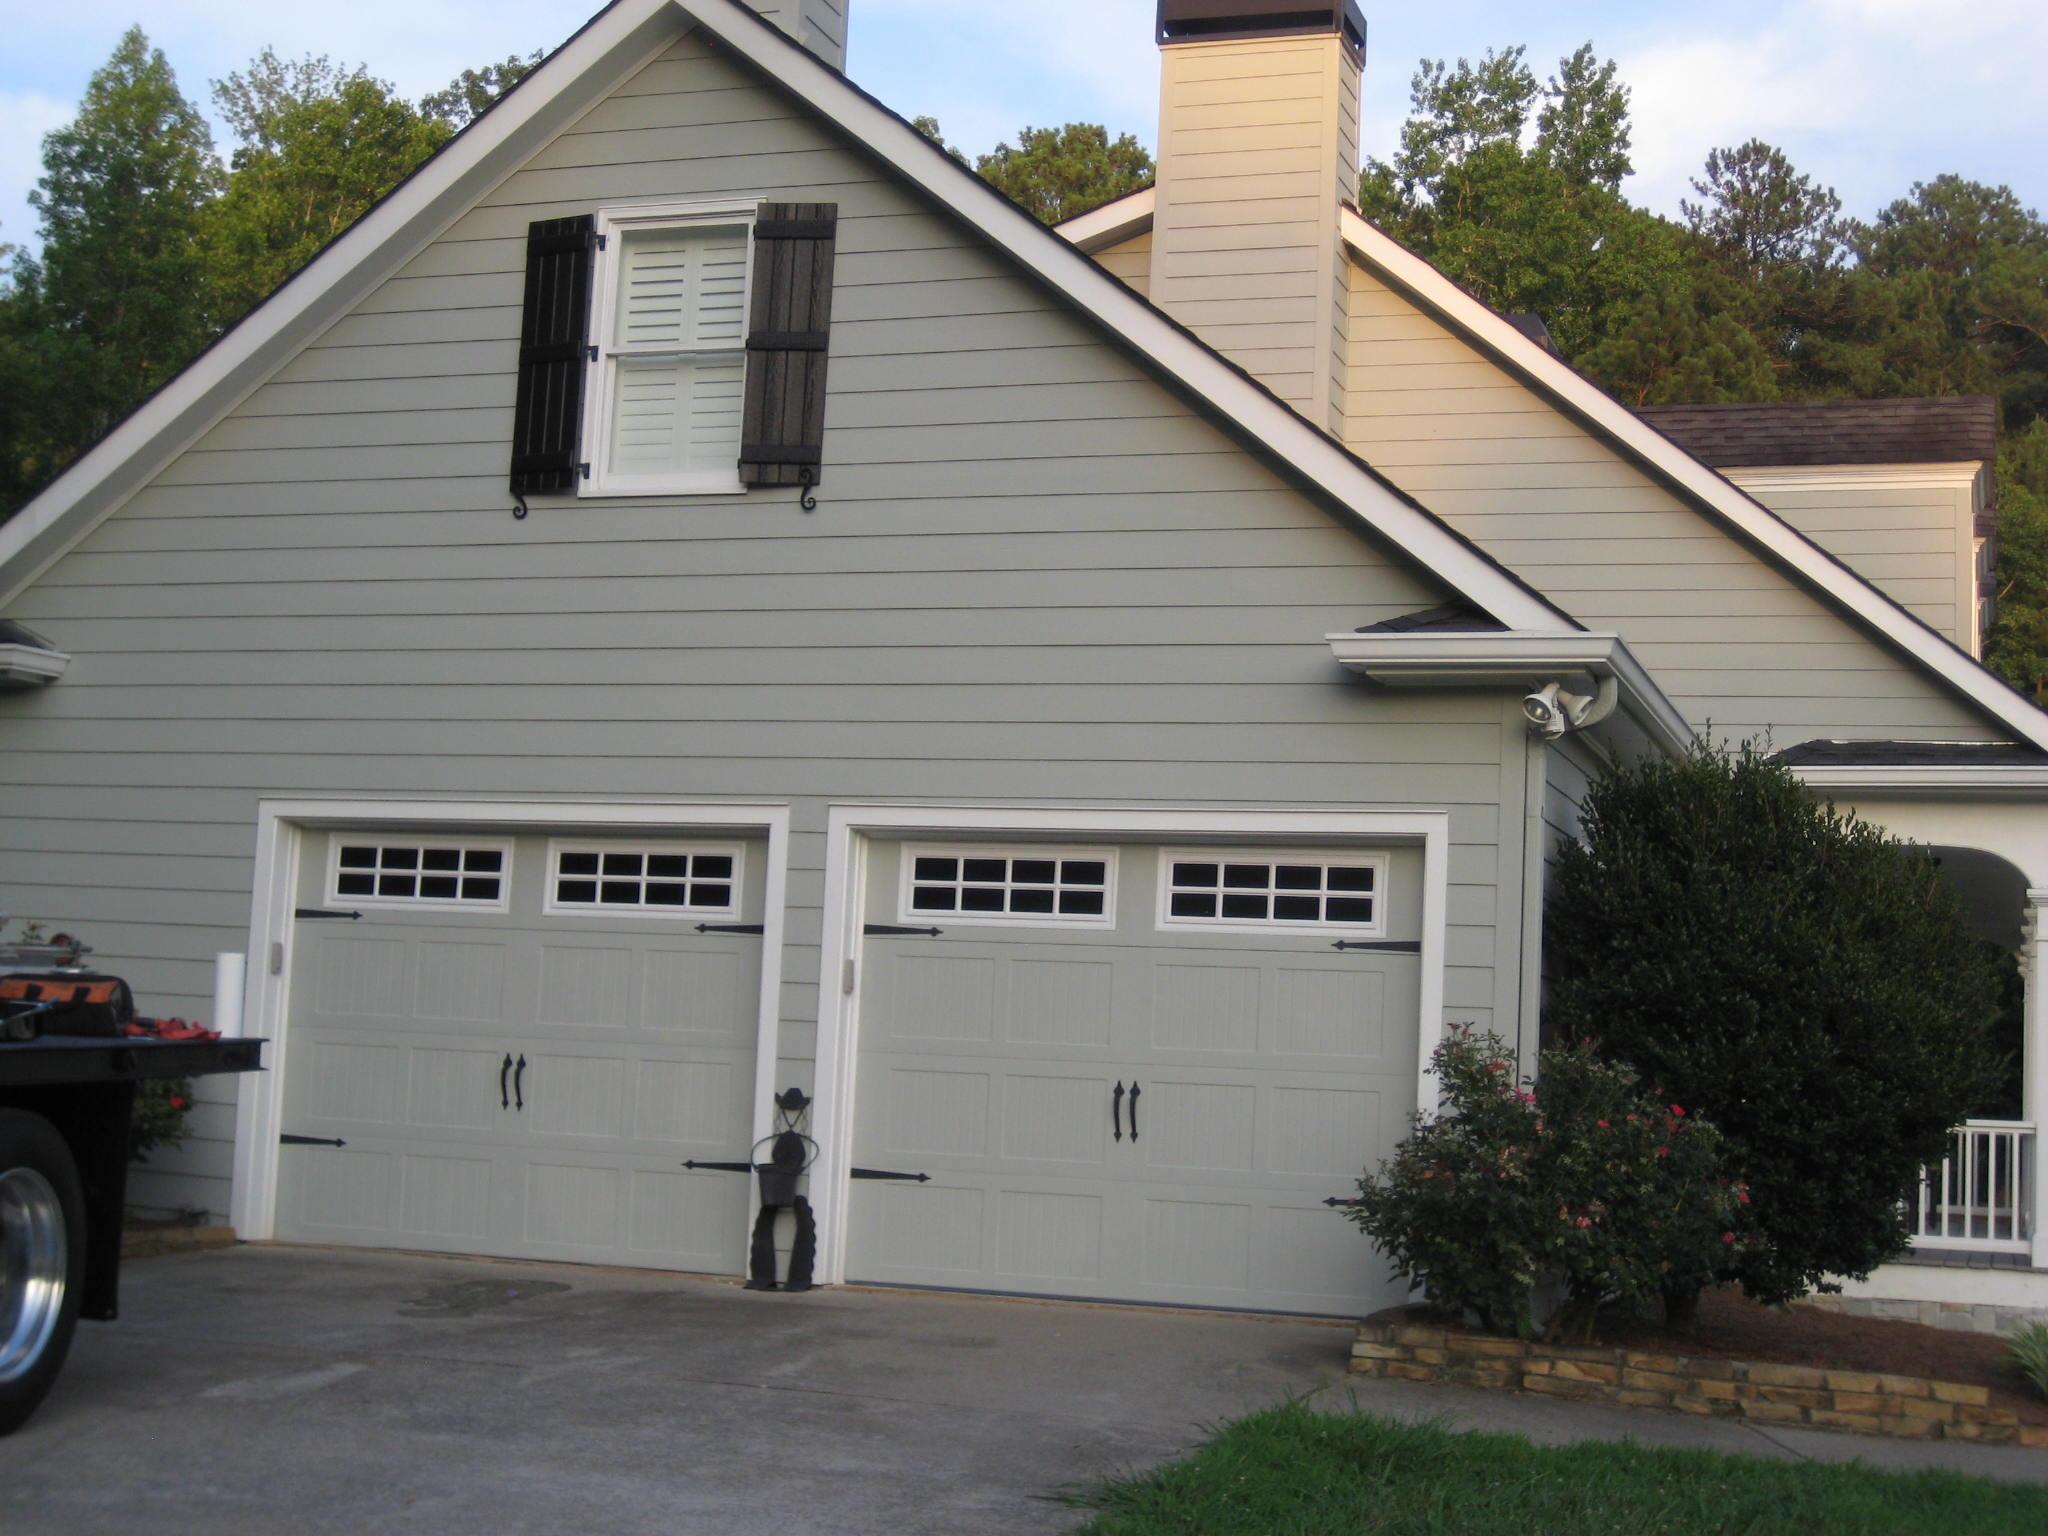 1536 #856846 Residential Overhead Garage Doors. image Residential Overhead Garage Doors 36732048